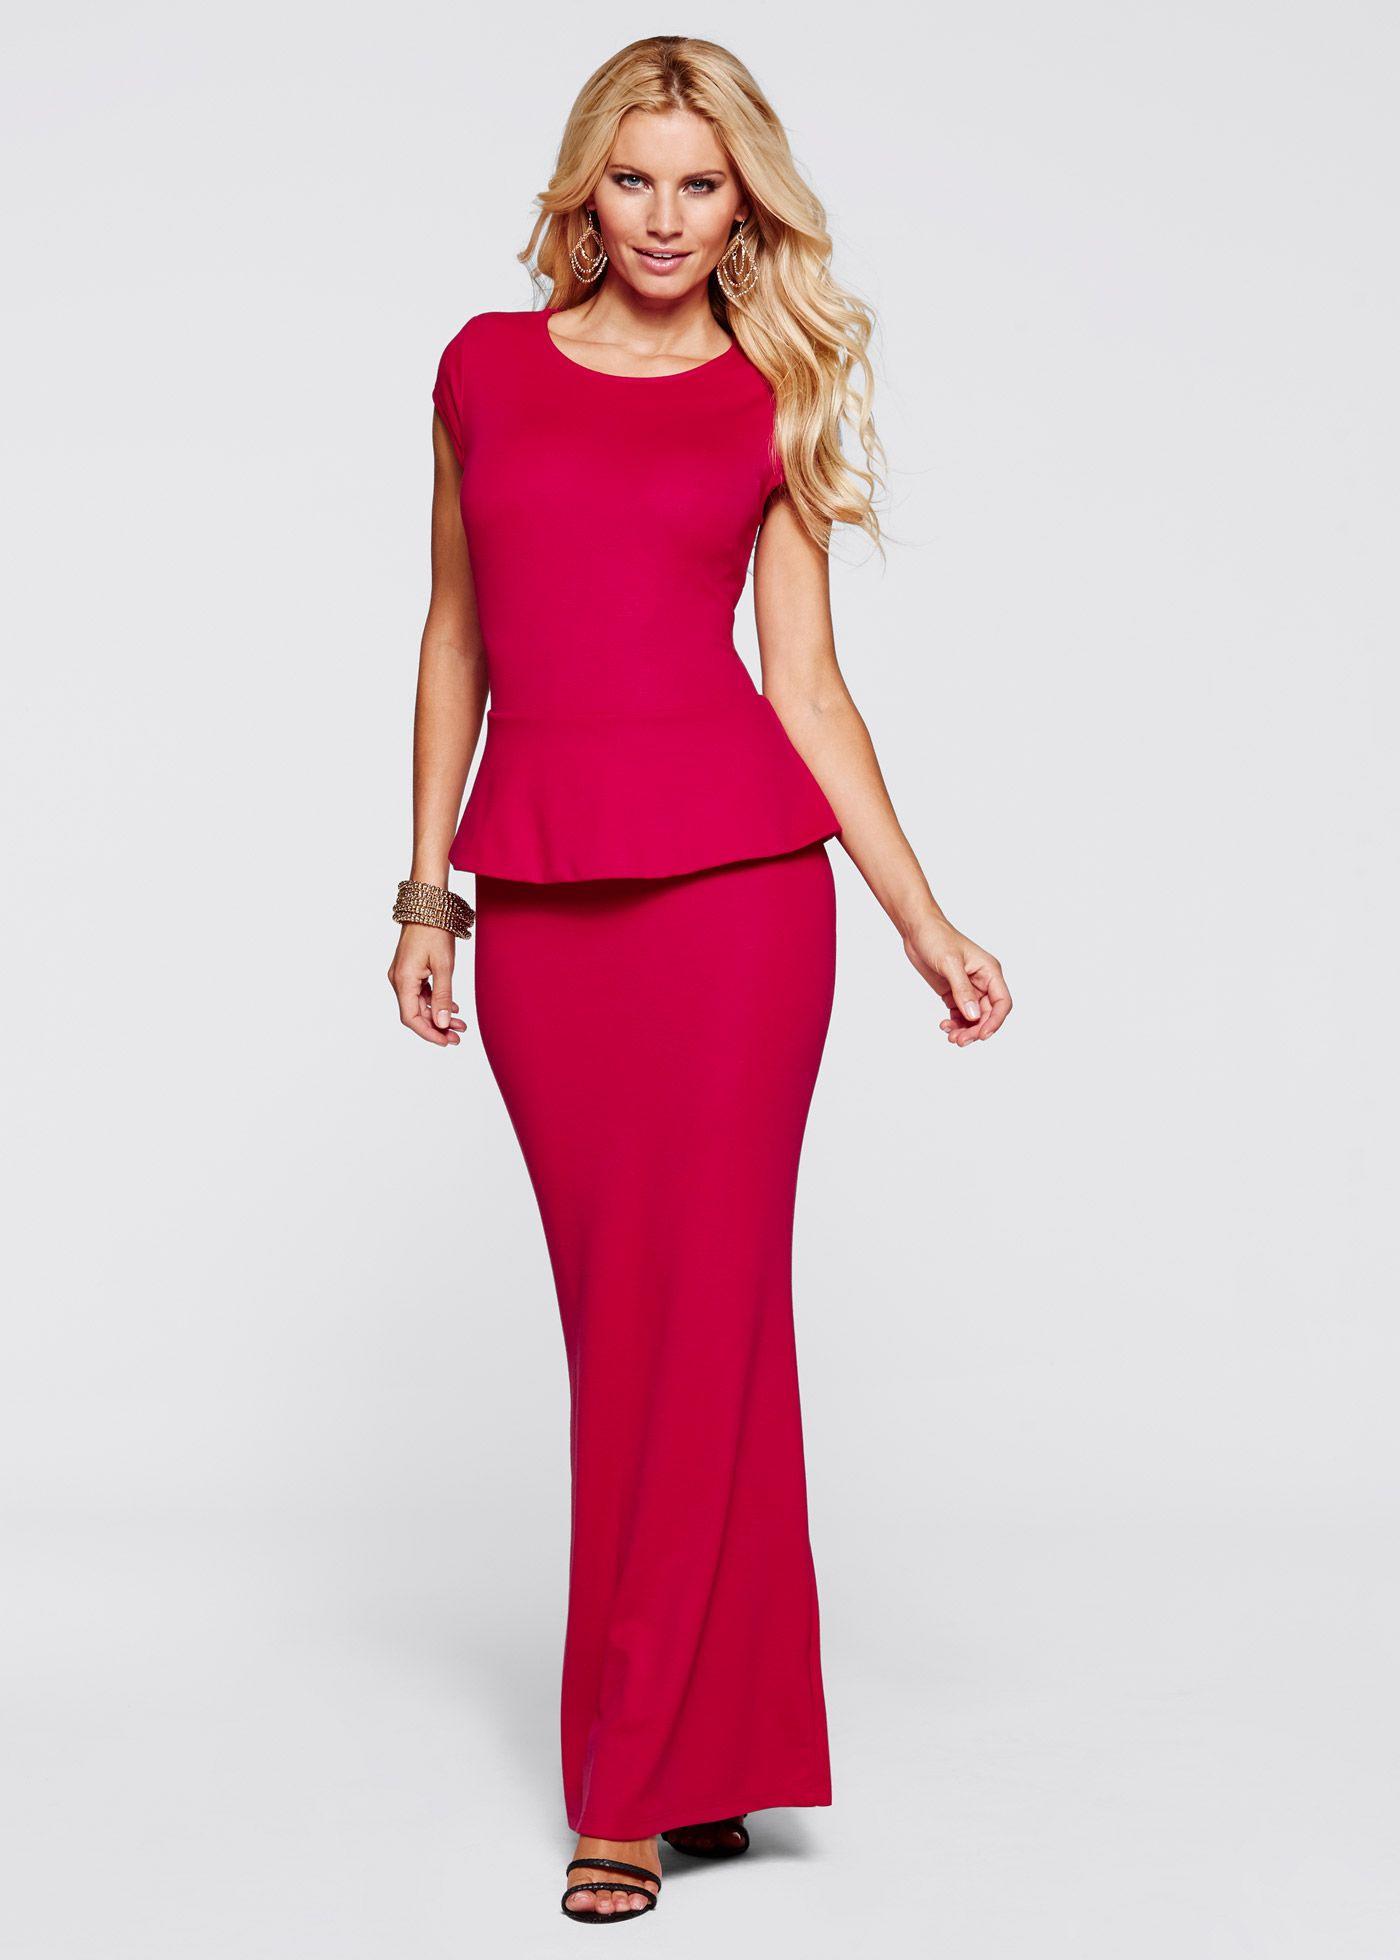 10 Luxus Bon Prix Abend Kleider Stylish Top Bon Prix Abend Kleider Vertrieb